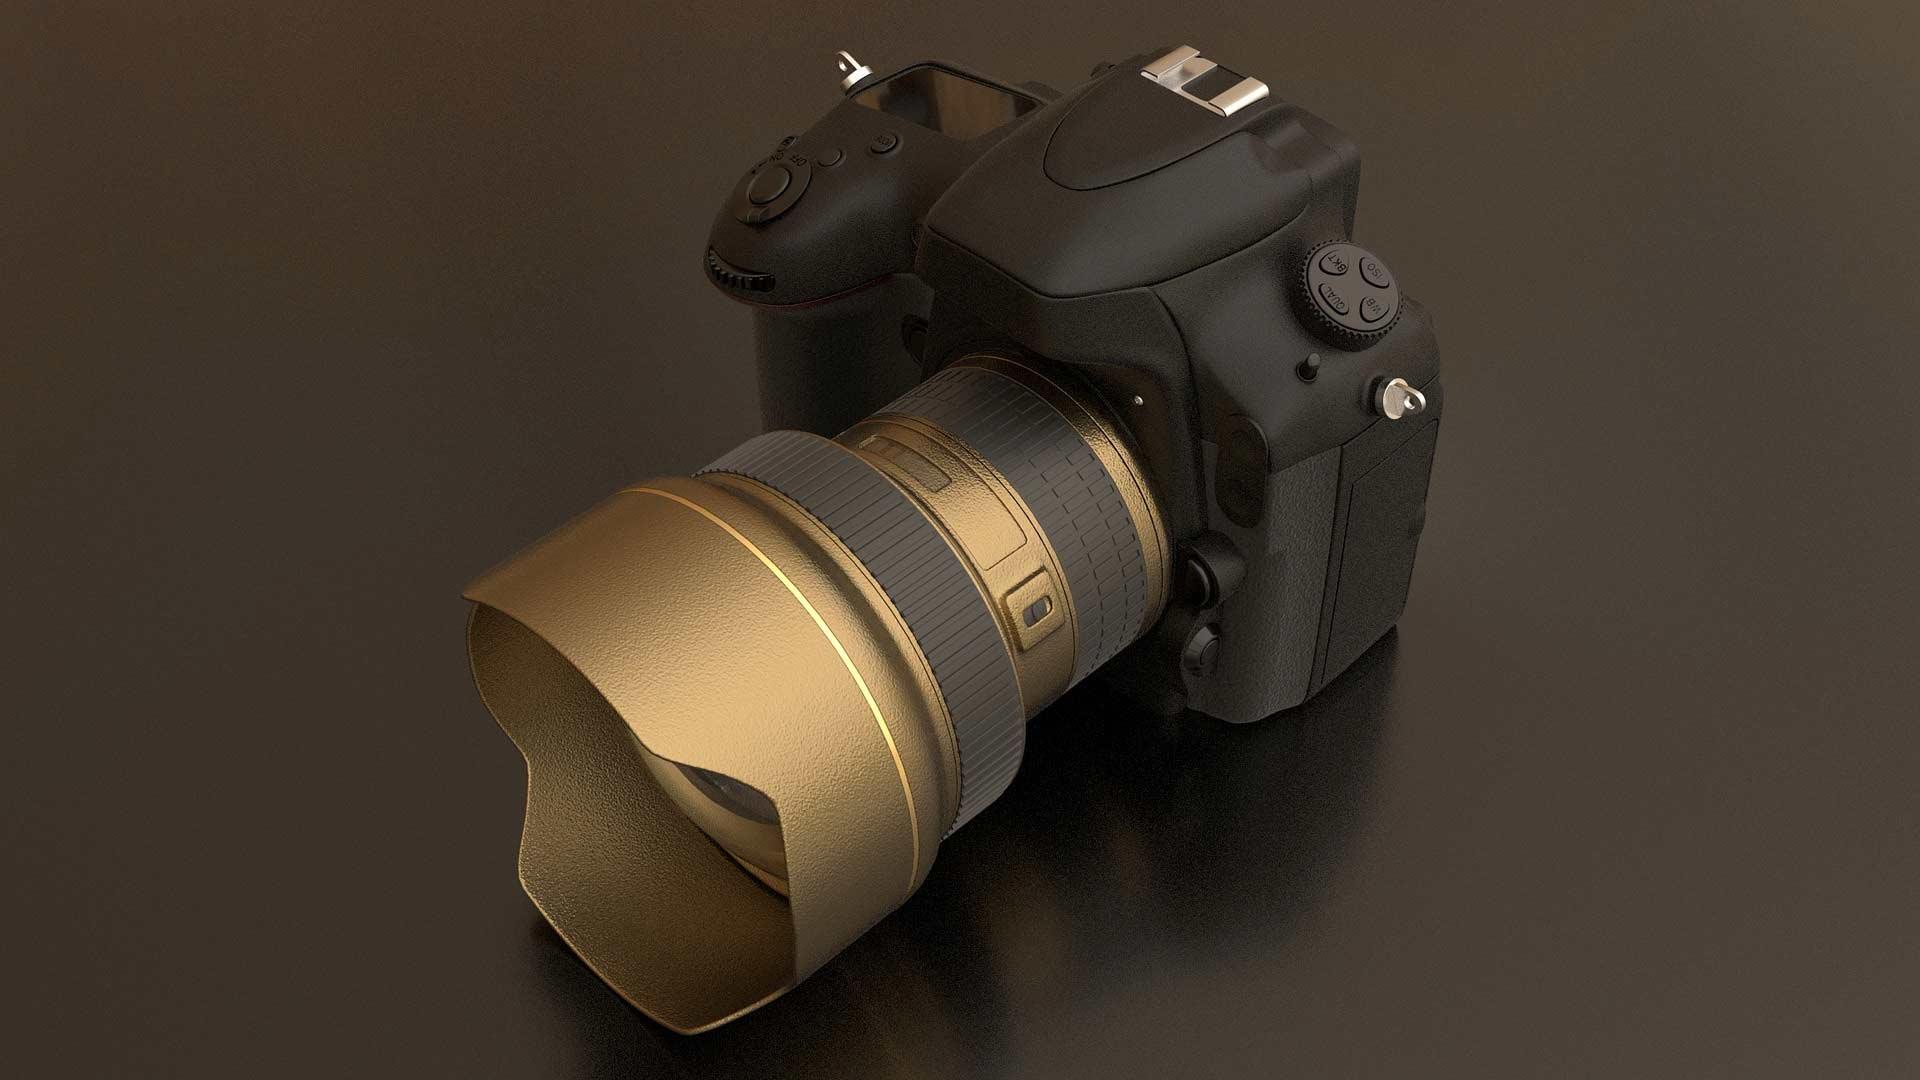 Meglio un rendering 3D oppure una fotografia digitale?